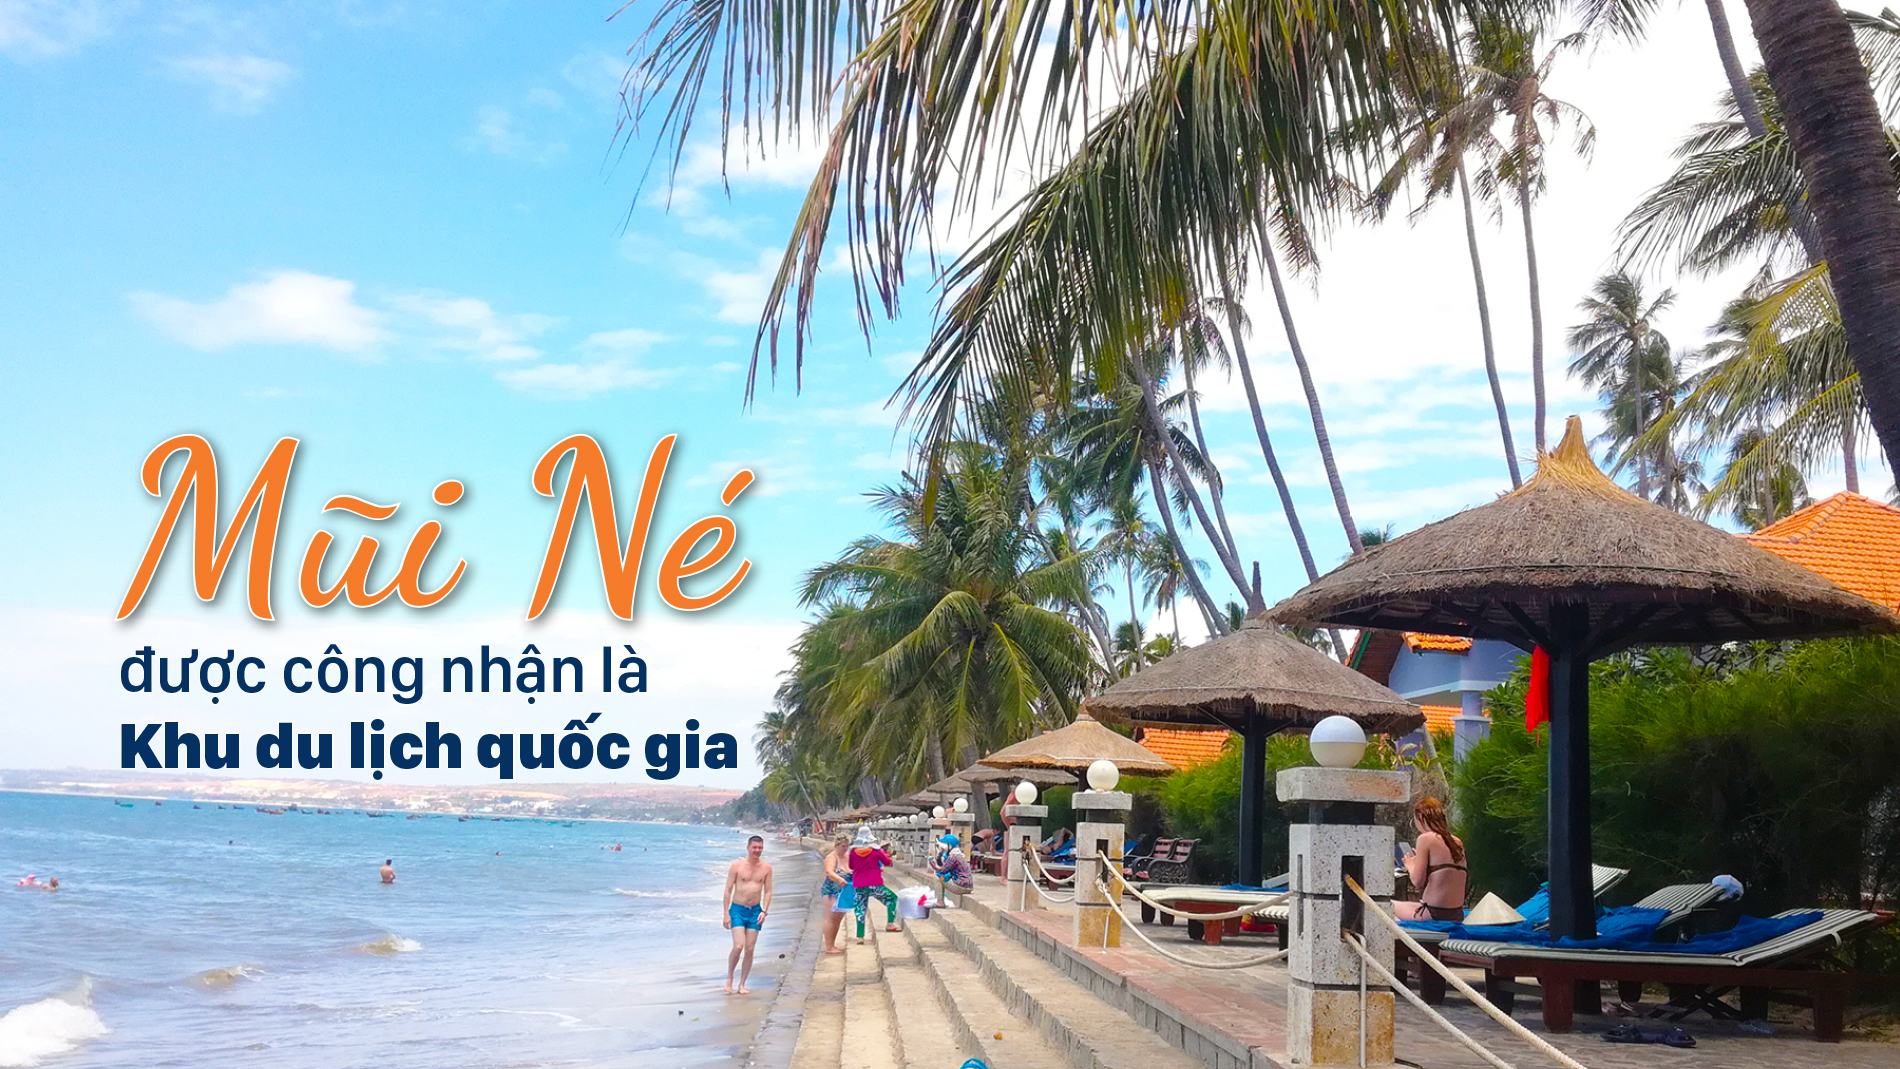 Mũi Né được công nhận là Khu du lịch quốc gia